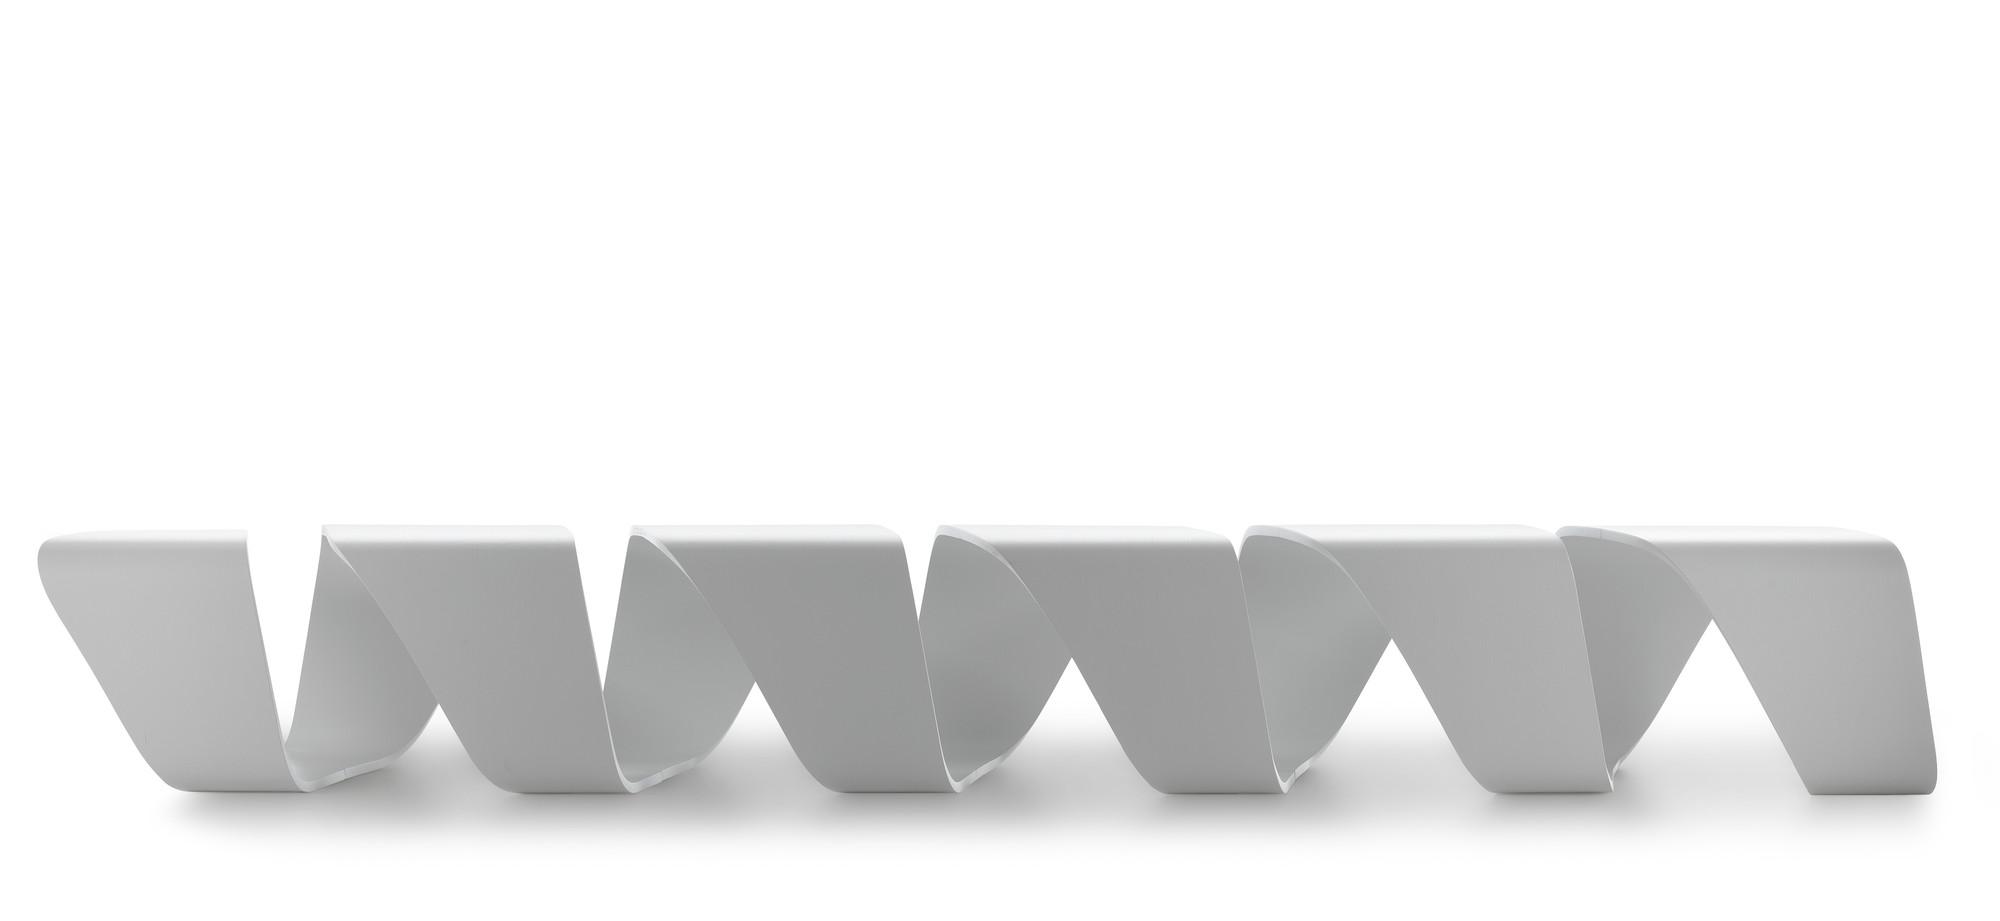 Banca ADN /  Leonardo Rossano, Cortesia de Leonardo Rossano